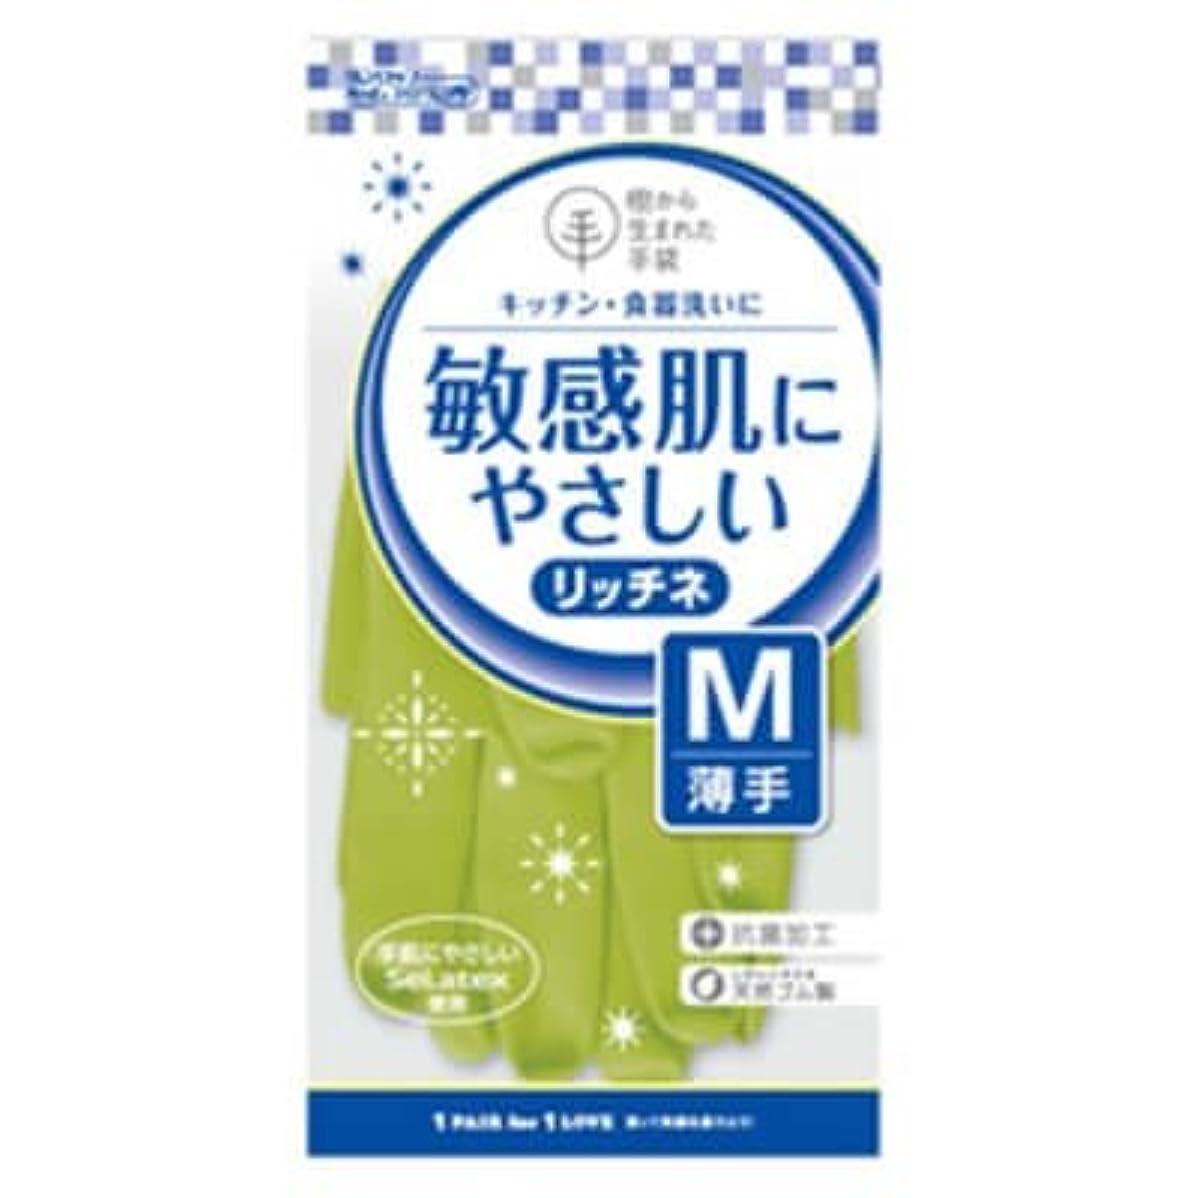 些細な壁紙さわやか【ケース販売】 ダンロップ 敏感肌にやさしい リッチネ 薄手 M グリーン (10双×24袋)